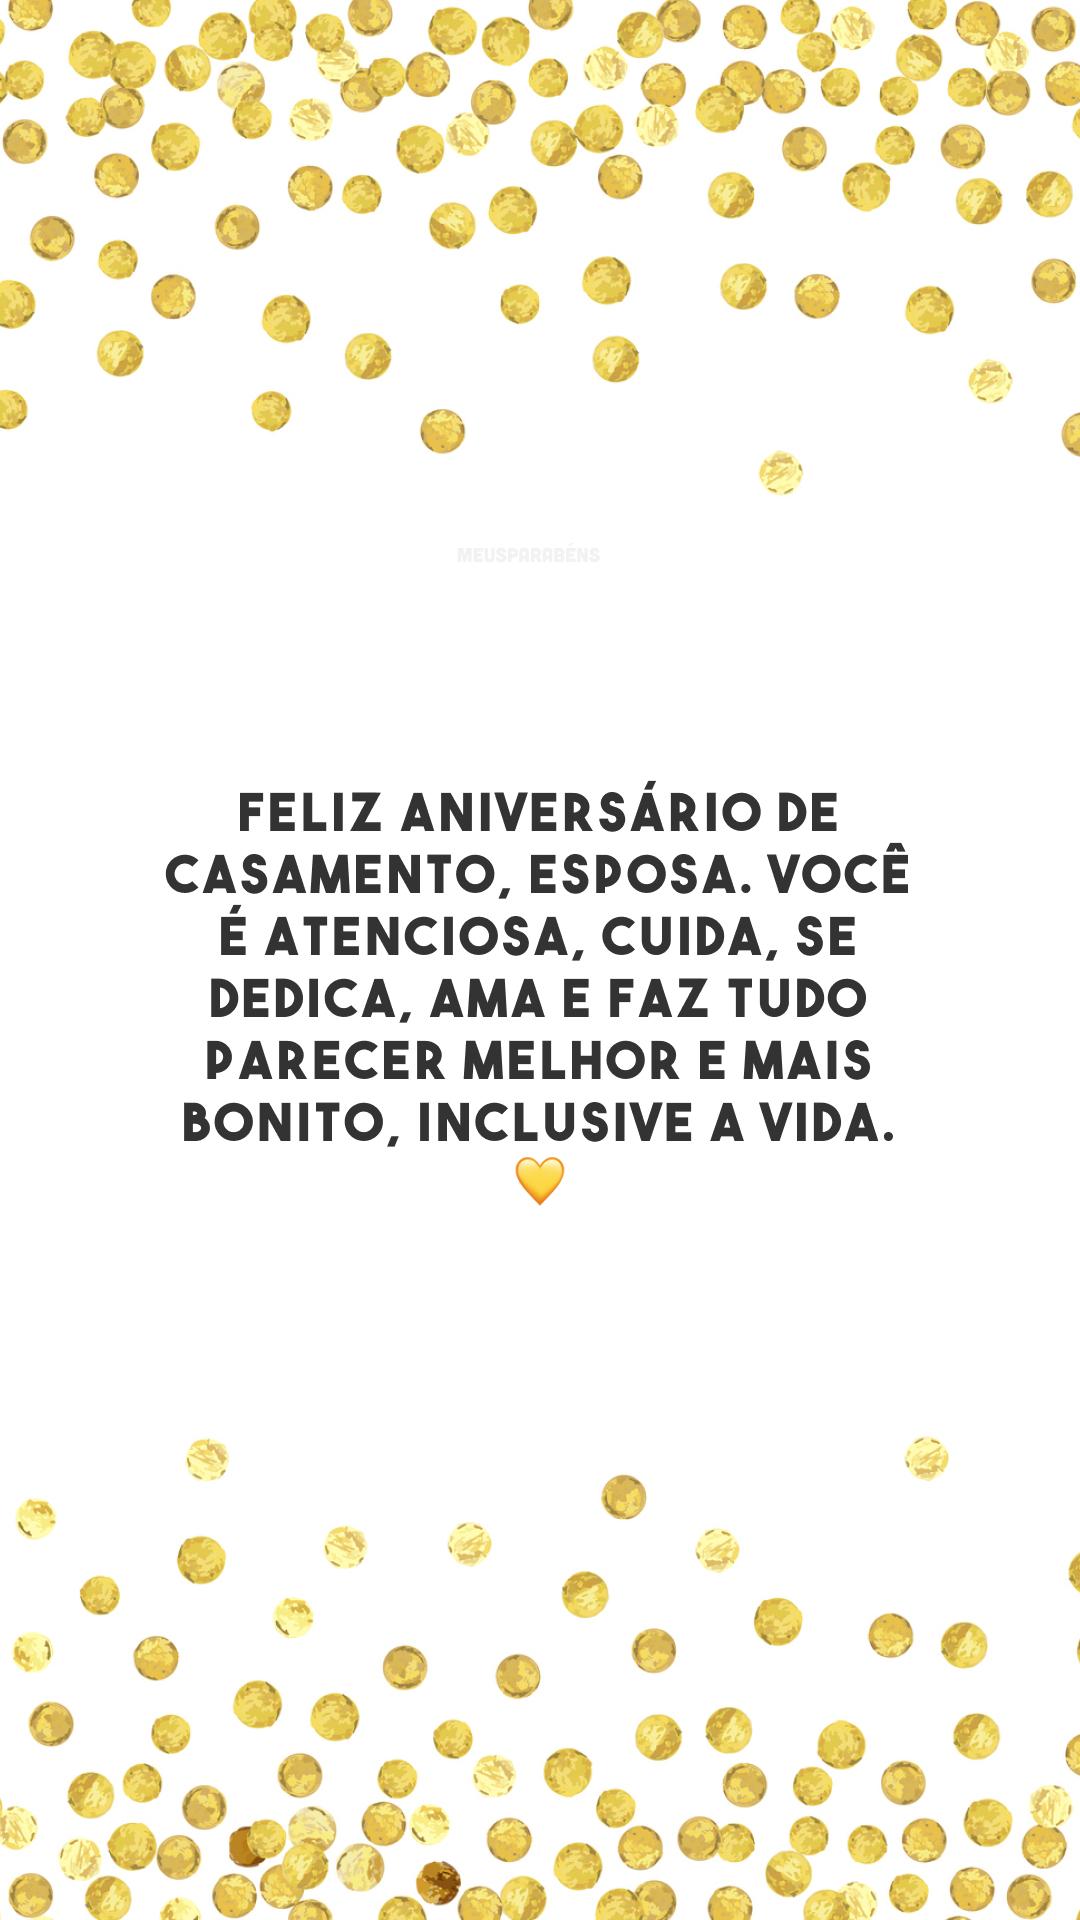 Feliz aniversário de casamento, esposa. Você é atenciosa, cuida, se dedica, ama e faz tudo parecer melhor e mais bonito, inclusive a vida. 💛